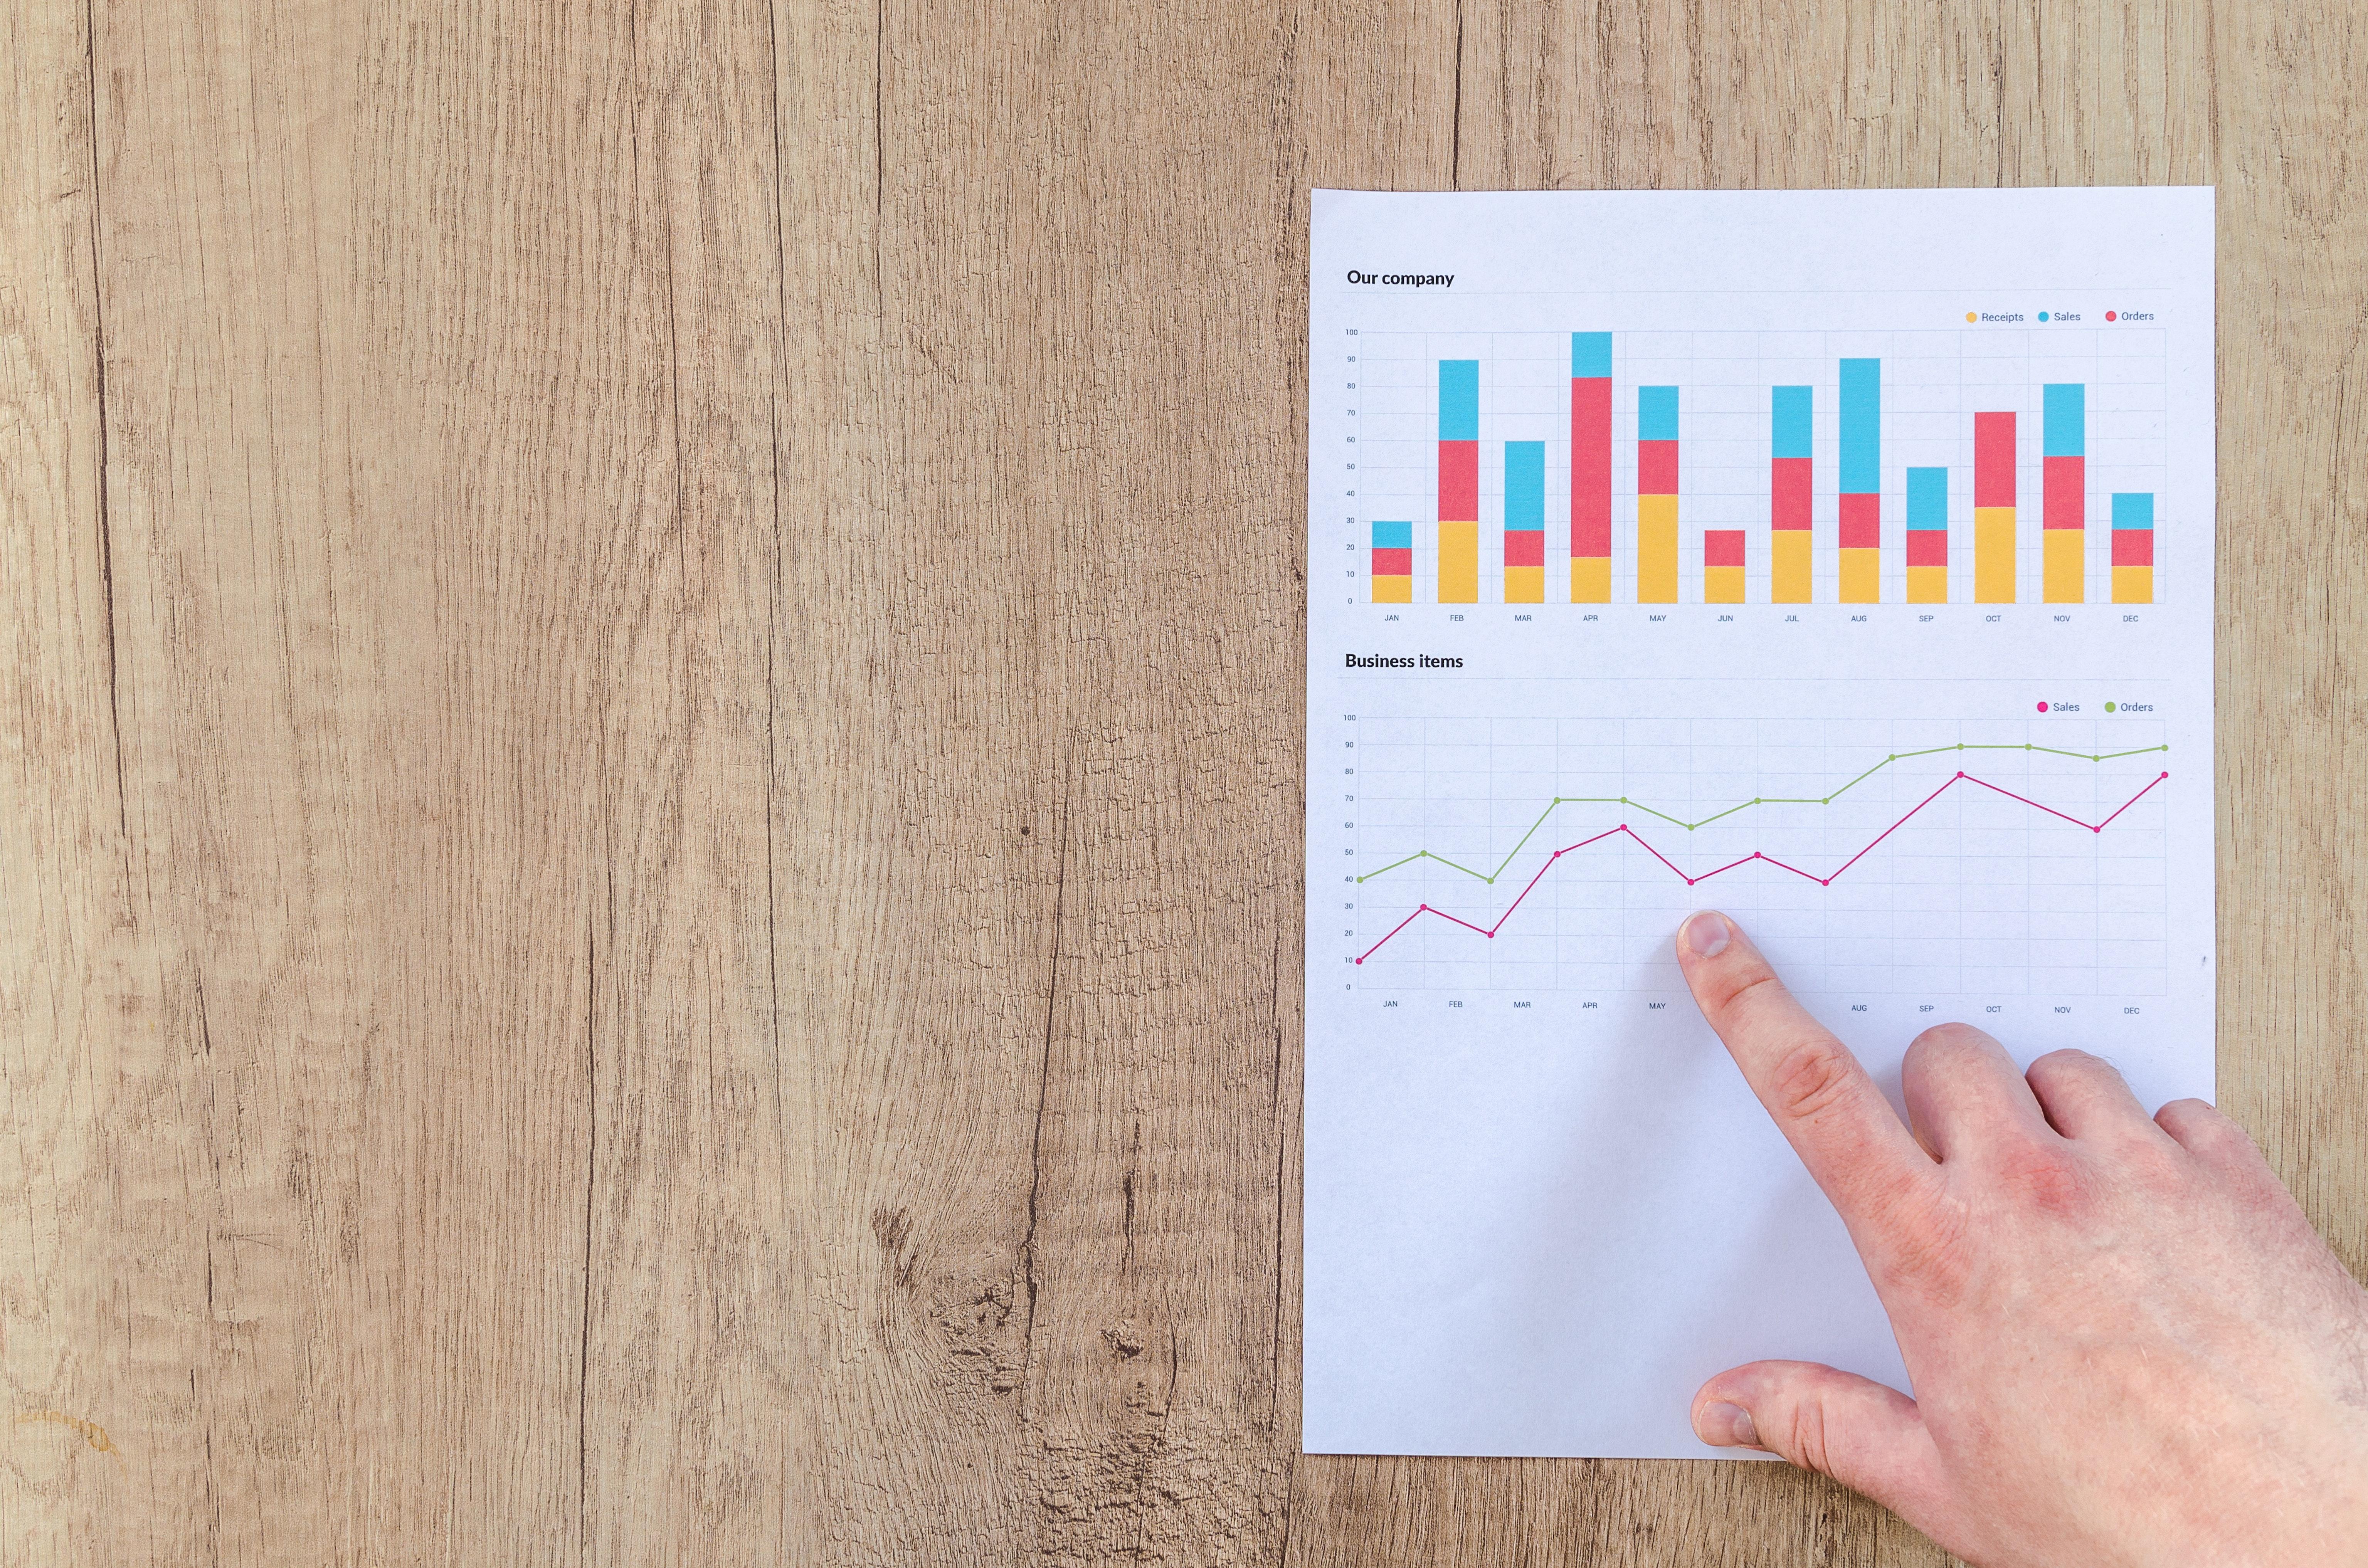 Le marché du travail au Québec : bilan de l'année 2018 et perspectives pour 2019